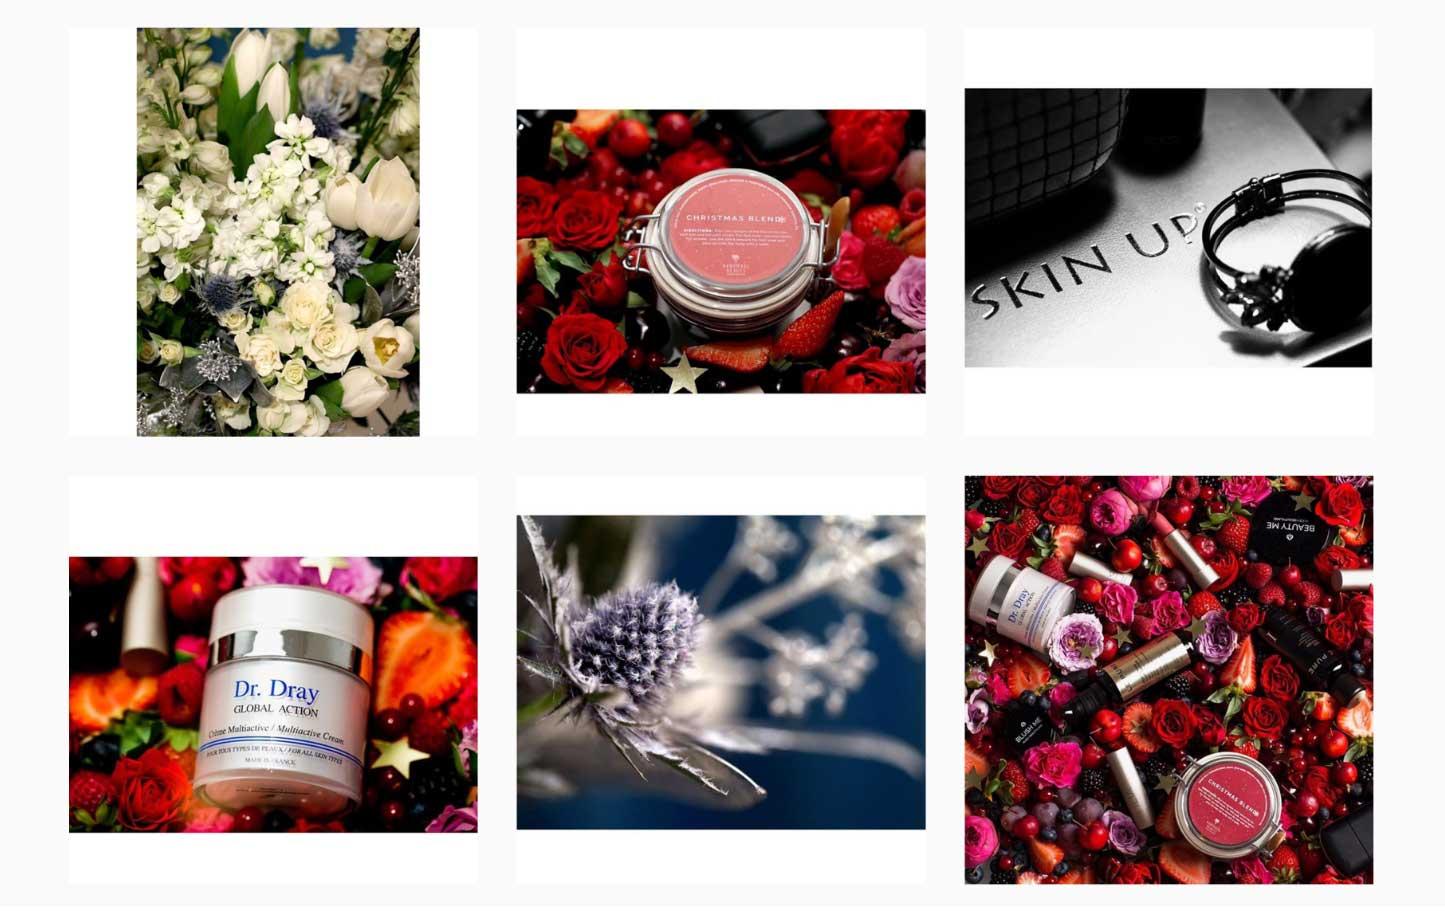 nicoleta-lupu-fotografia-producto